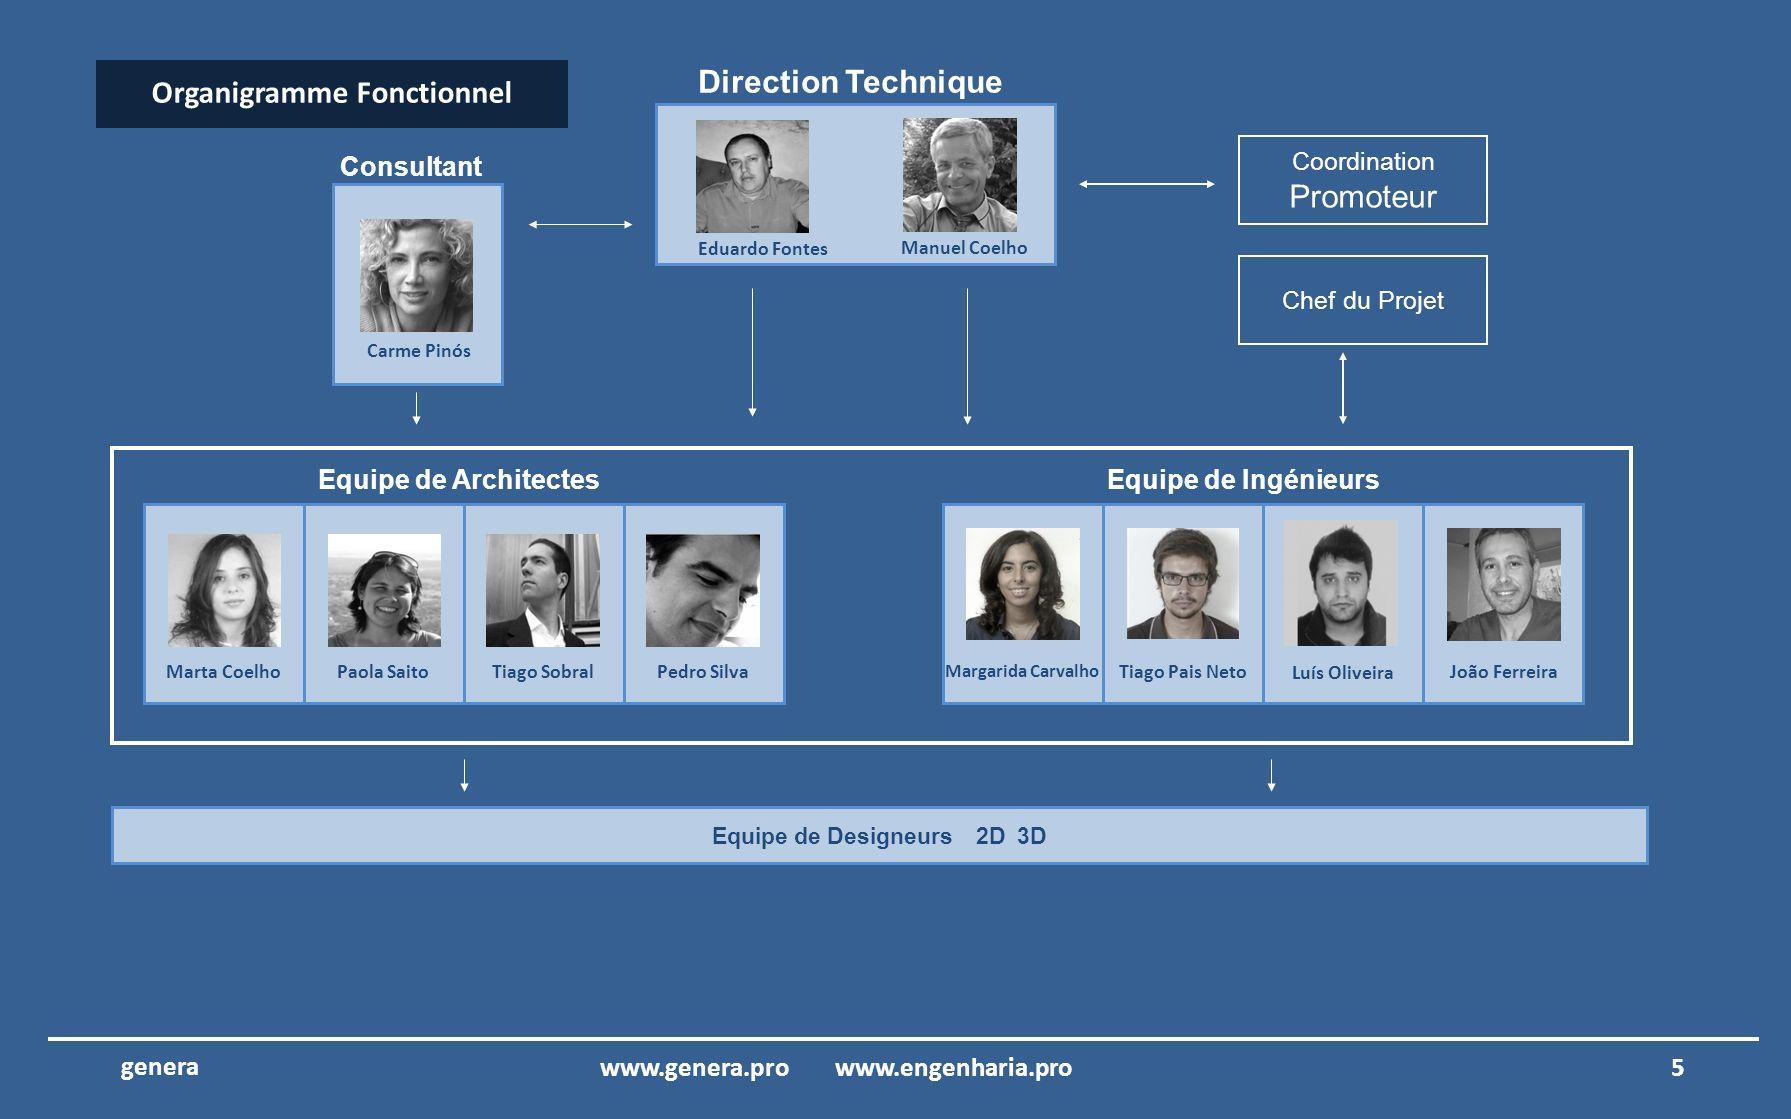 www.engenharia.pro 4www.genera.pro www.engenharia.pro genera